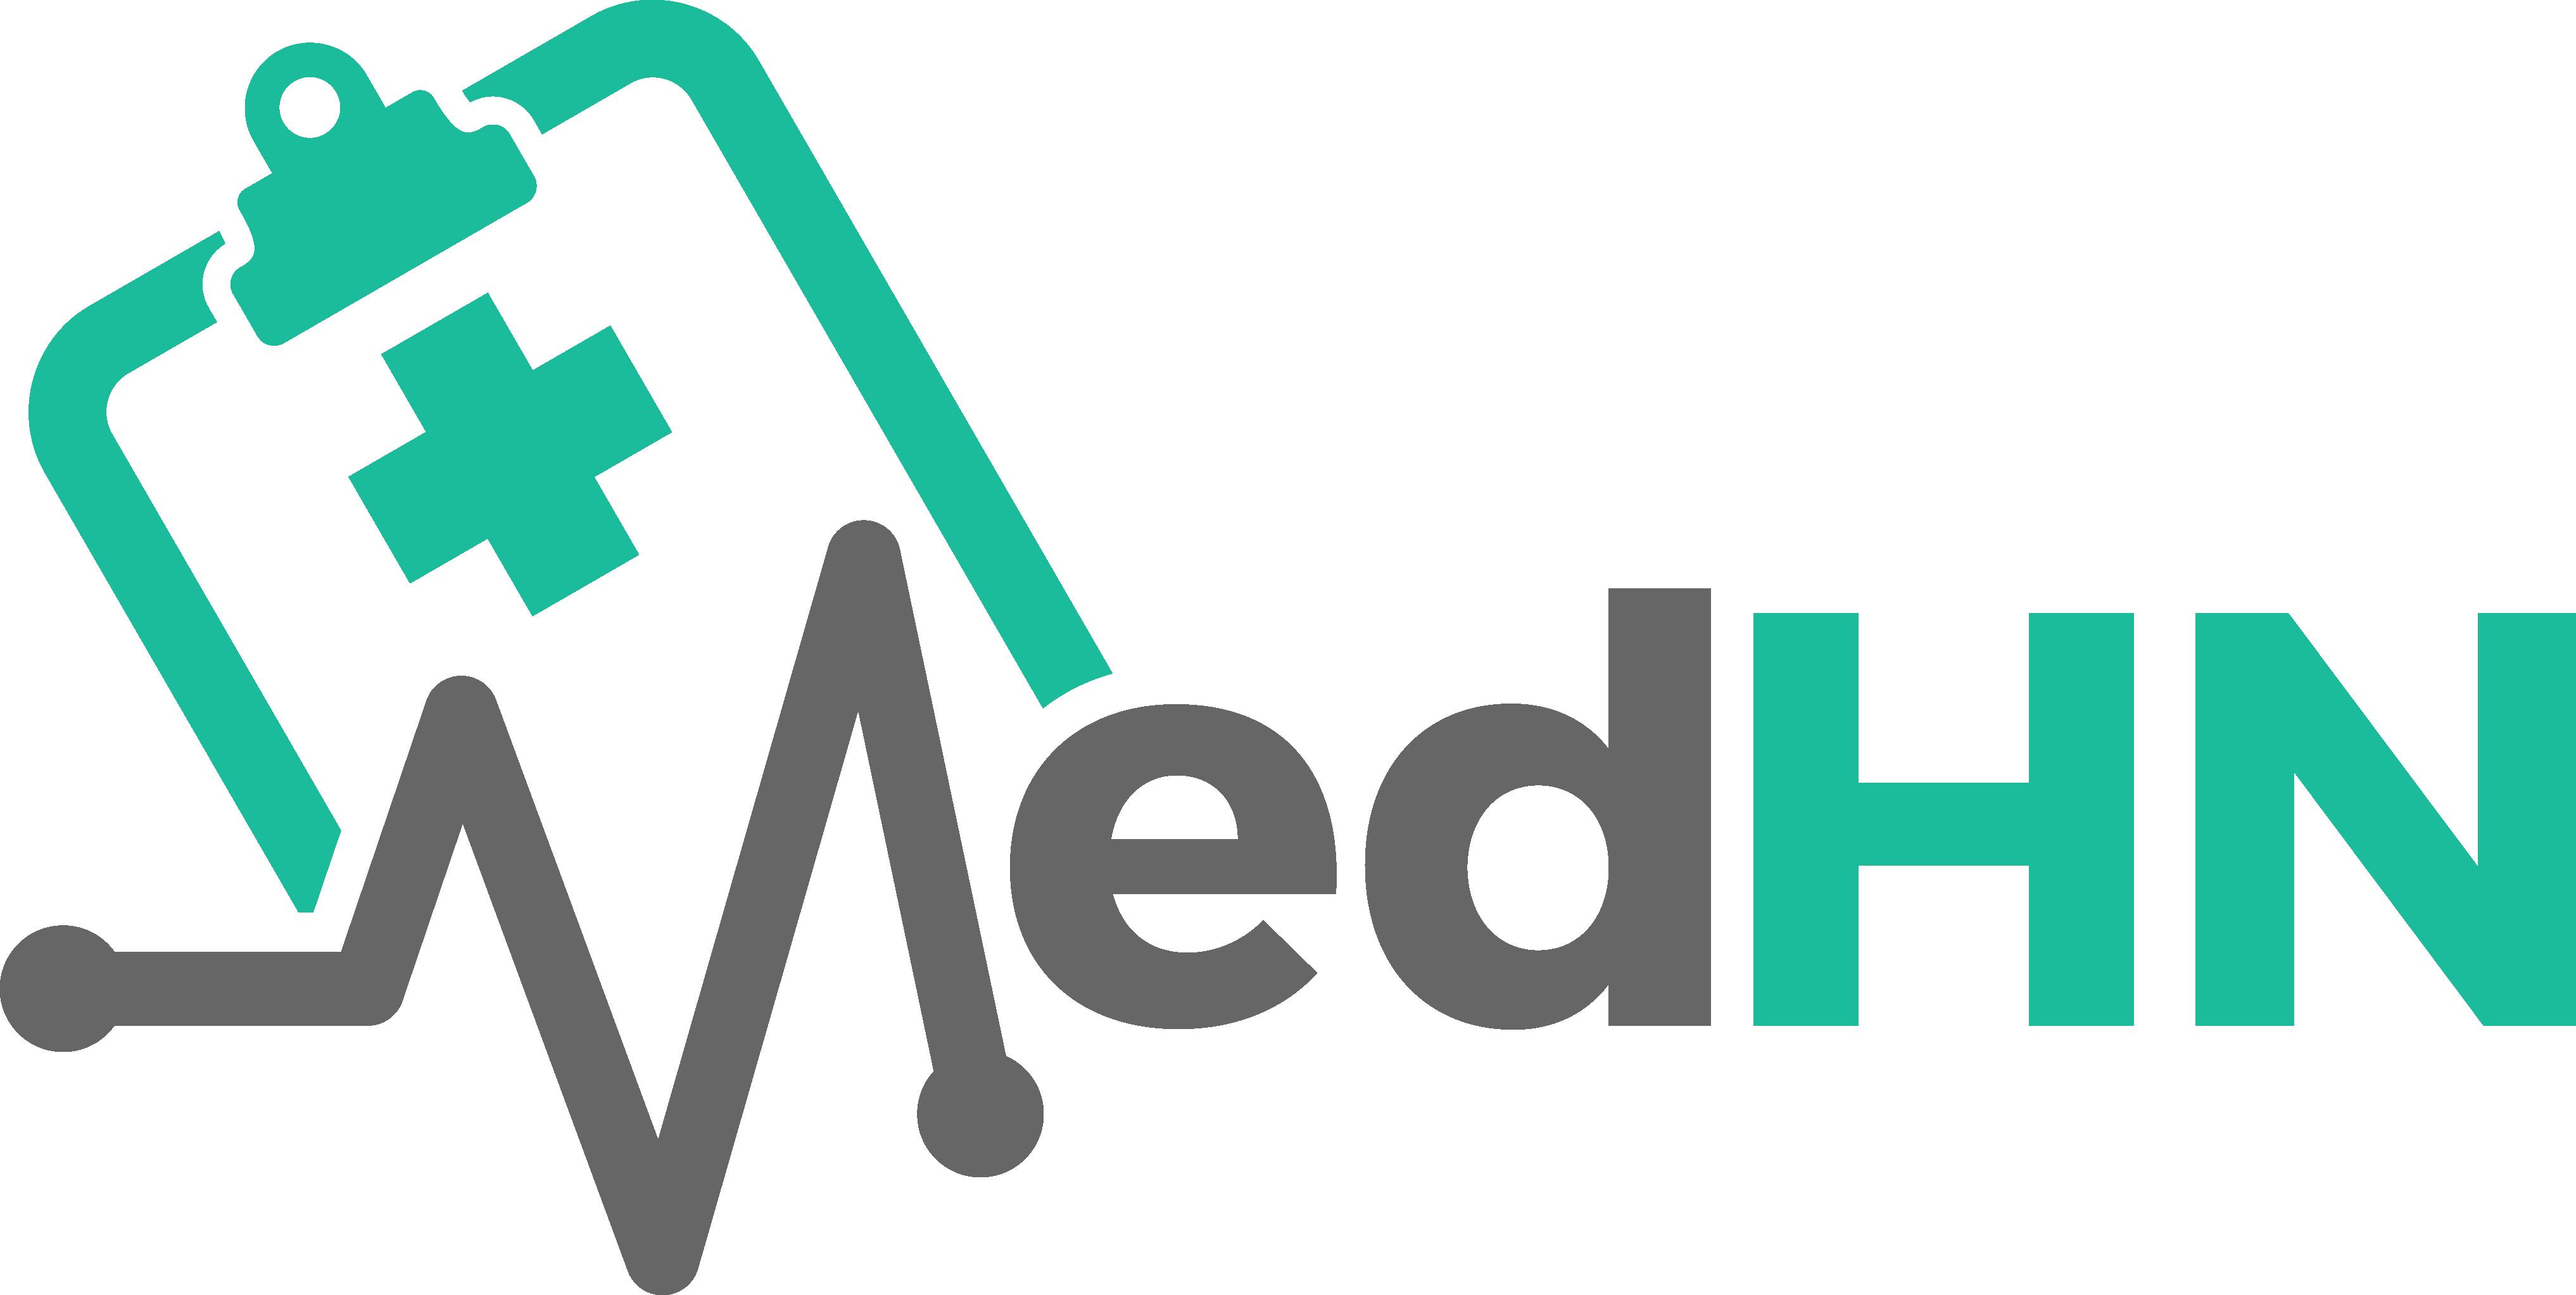 Create a modern healthcare platform logo for MedHN